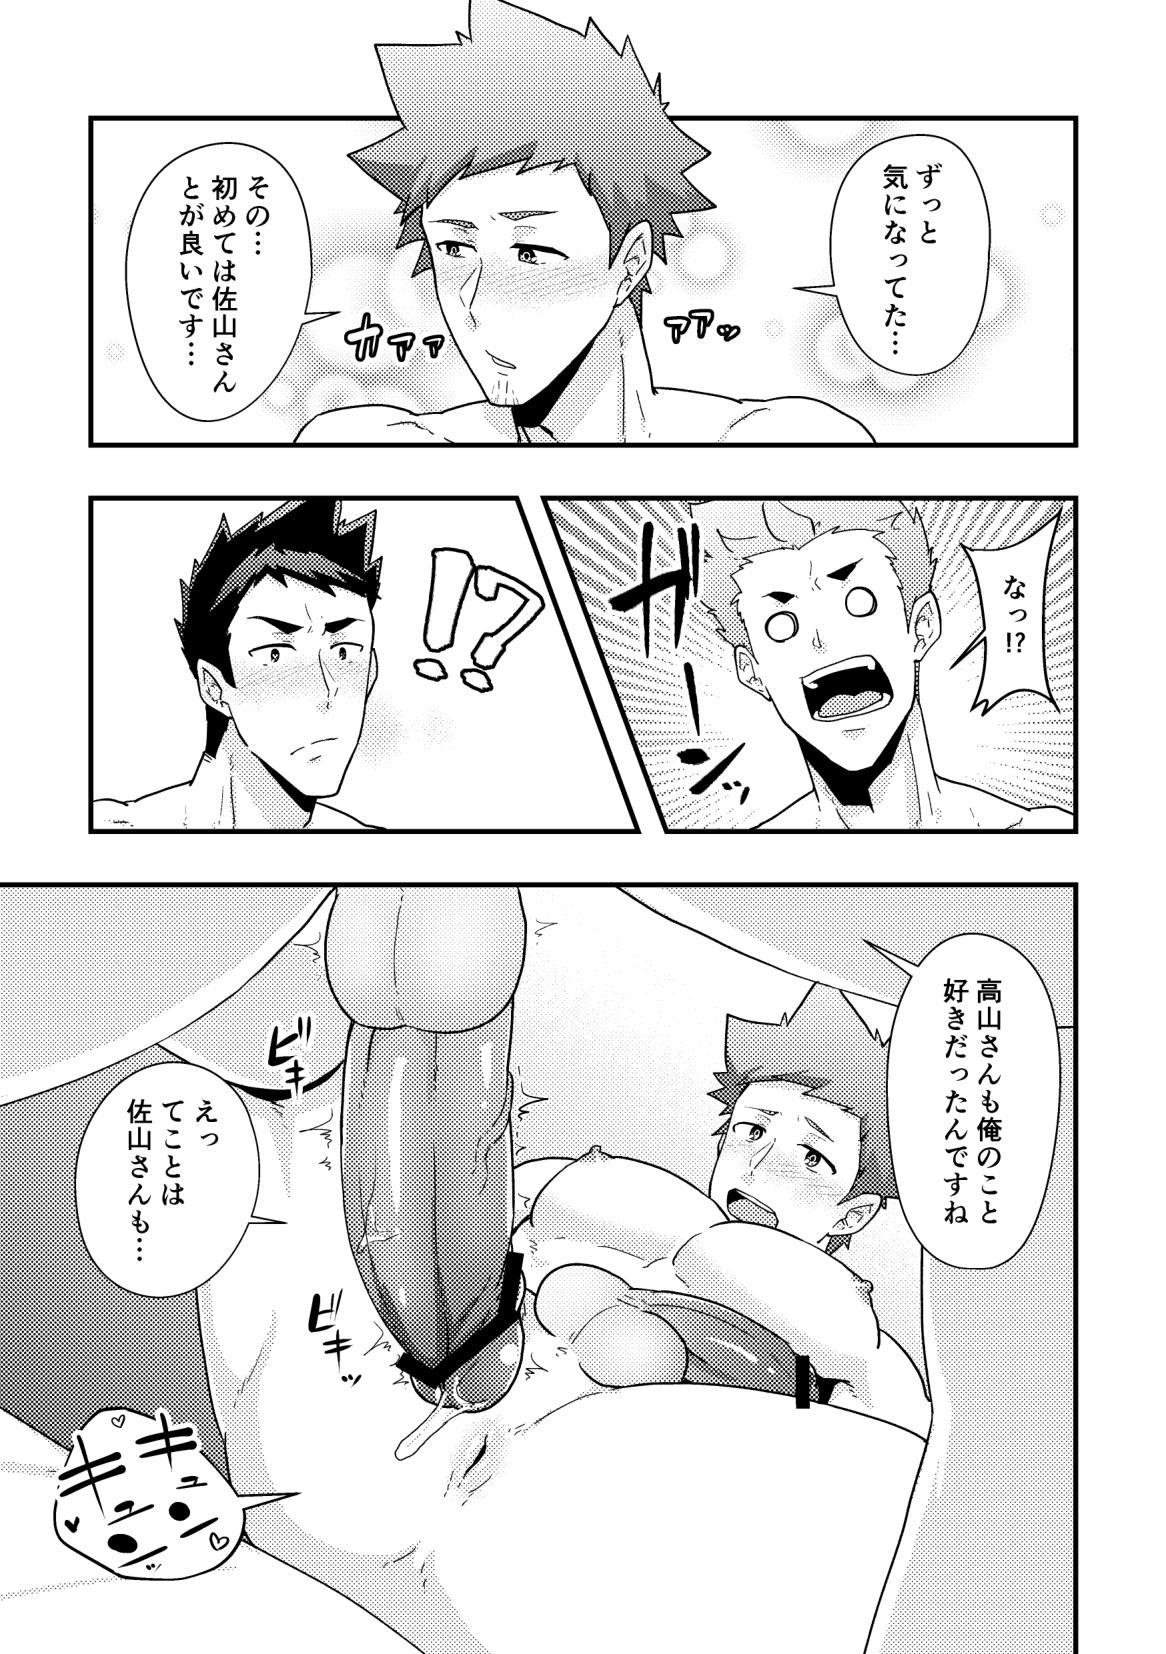 Haruyasumi no Homo 28